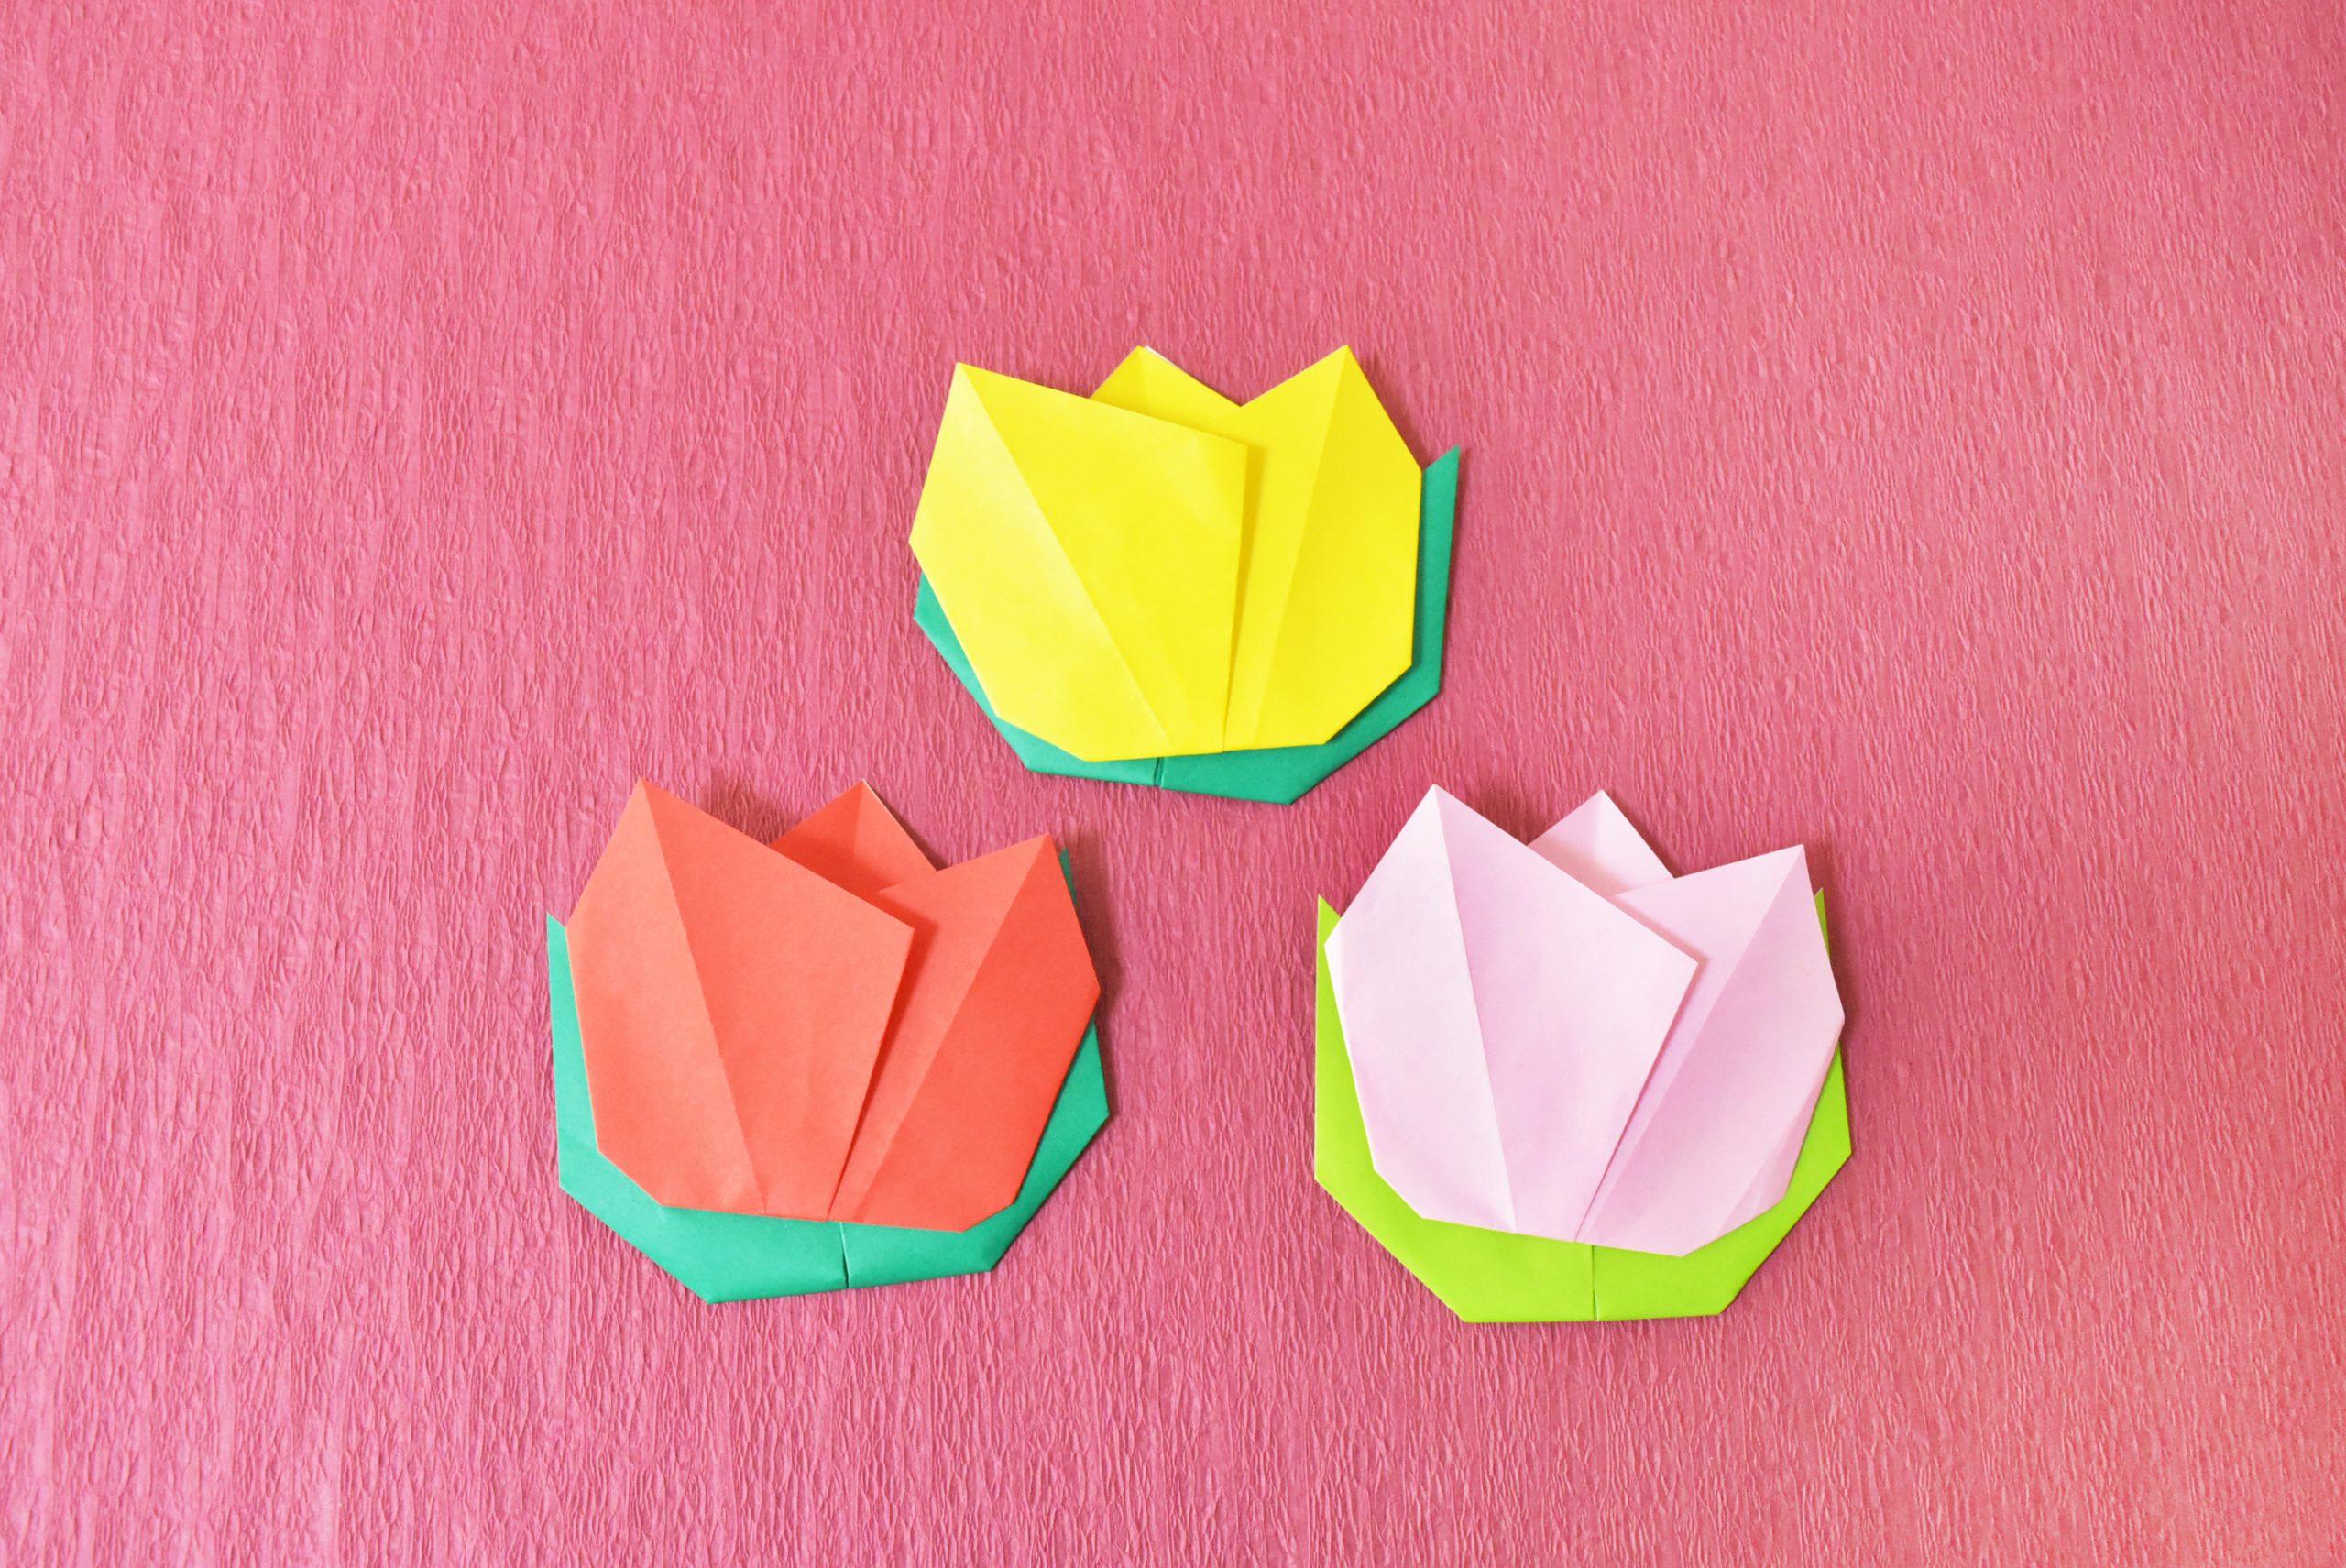 【折り紙】子どもでも簡単に折れるチューリップの折り方